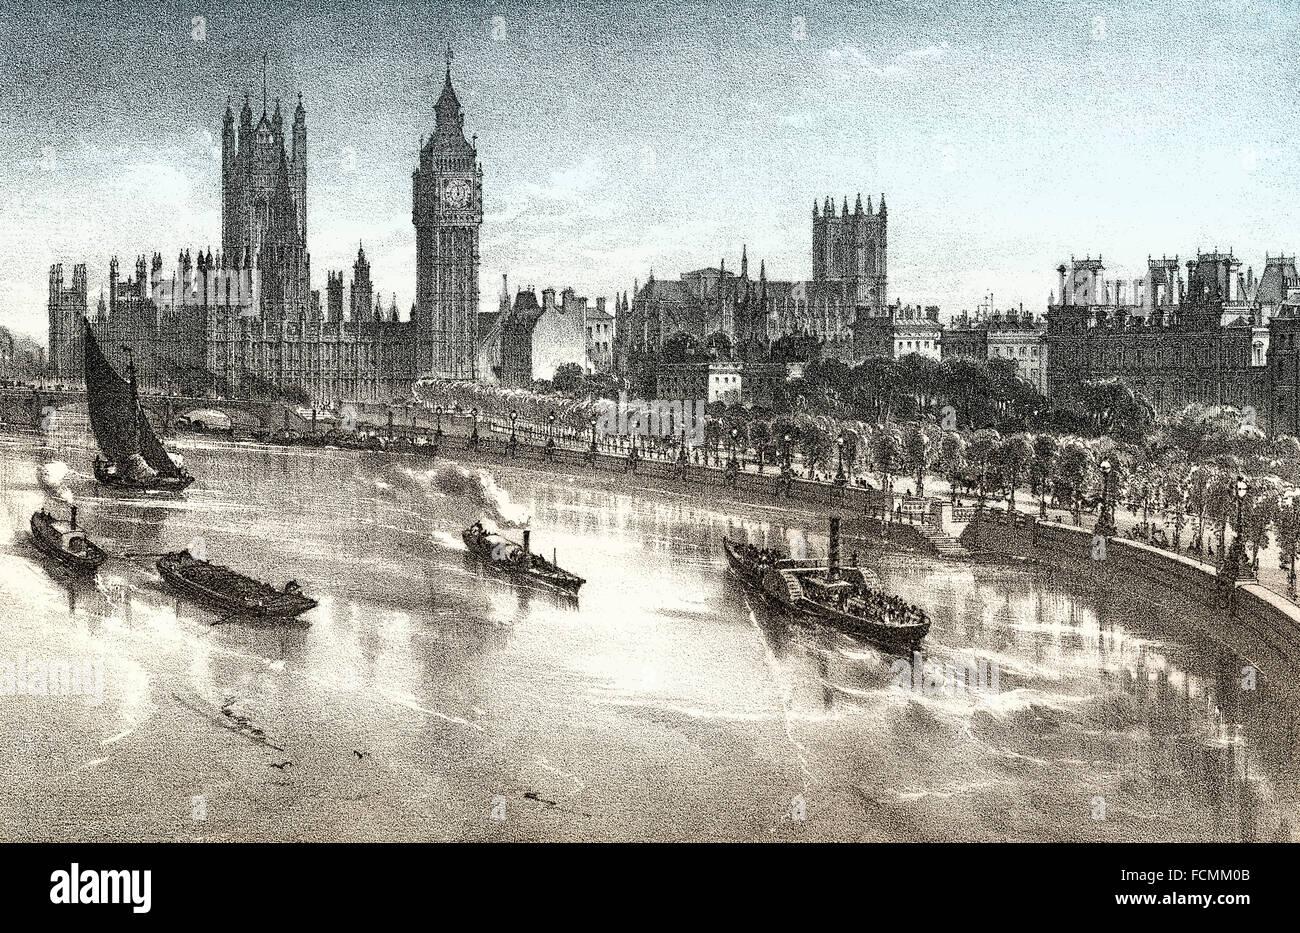 La Thames Embankment, 19e siècle, la Tamise dans le centre de Londres, Angleterre Photo Stock